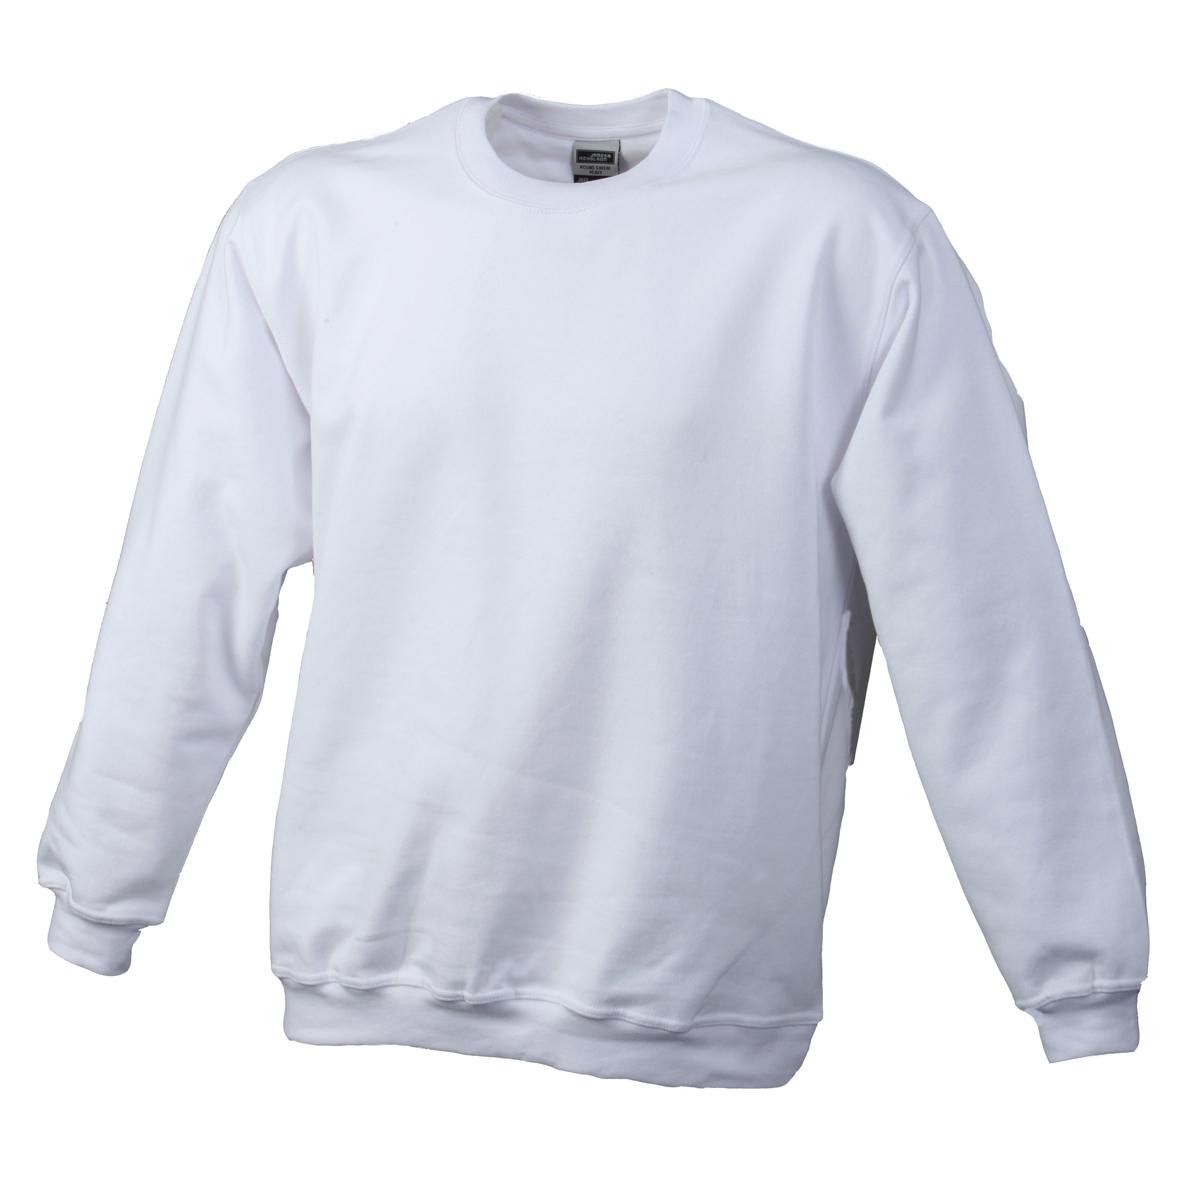 online store 75045 2f3f6 Herren-Sweatshirt